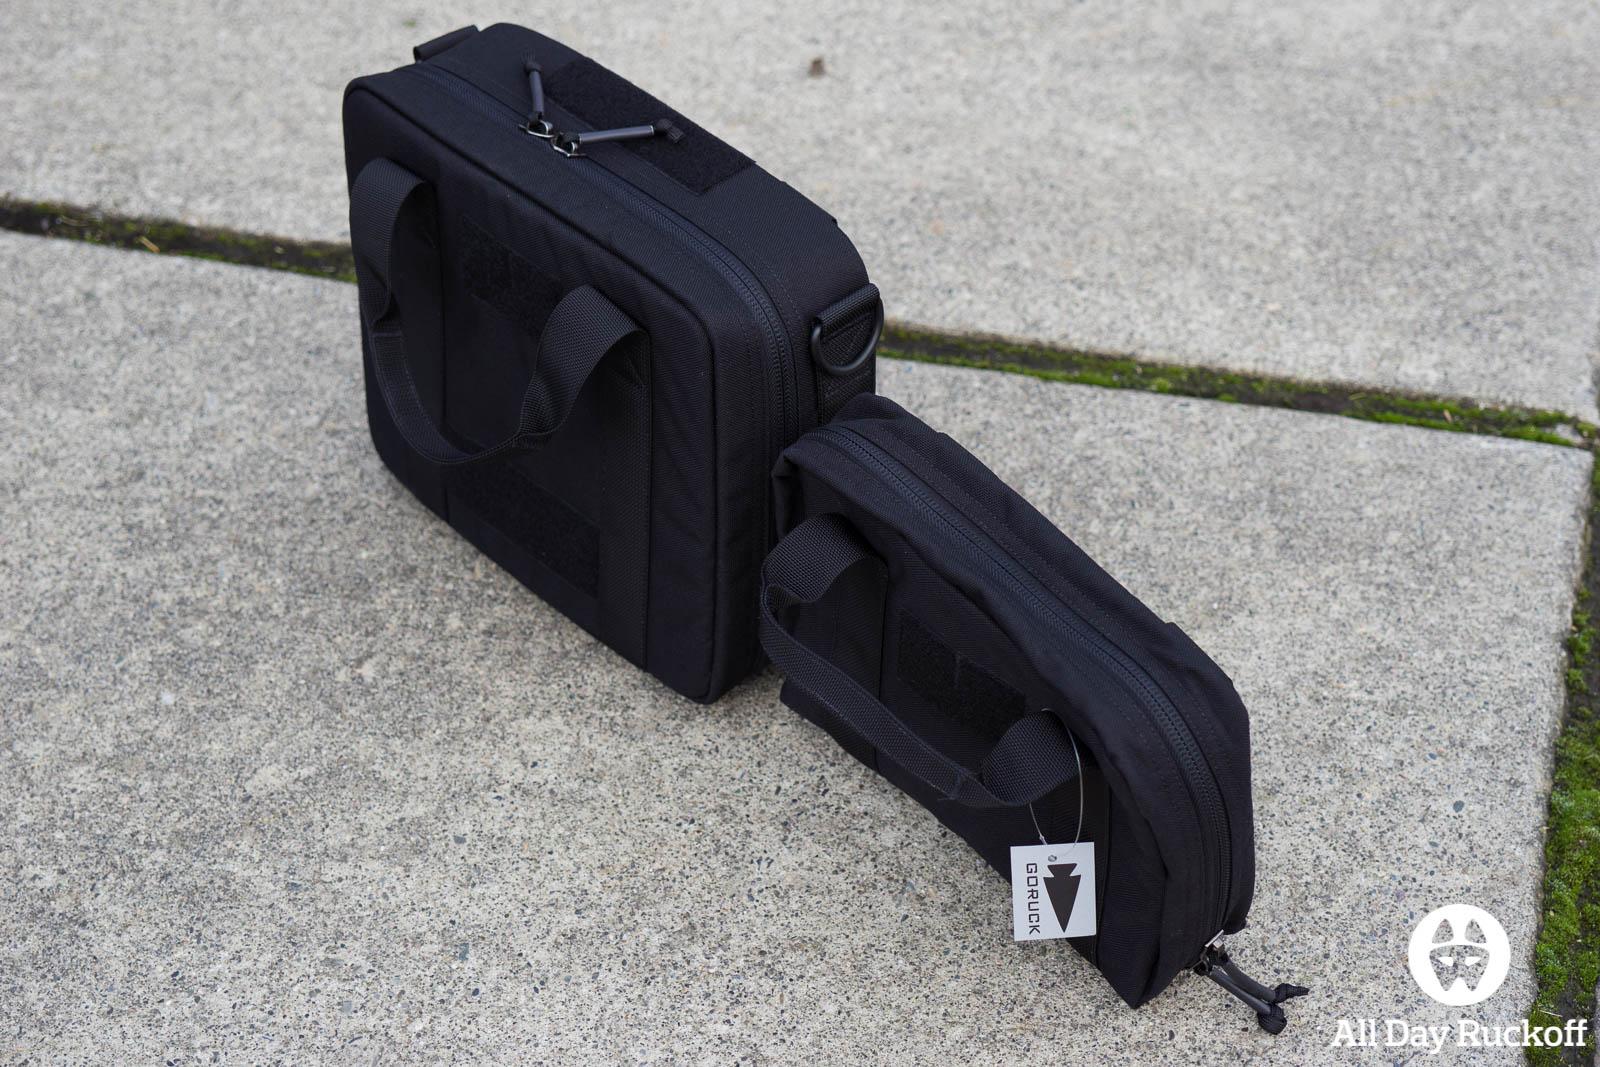 20161118-goruck-pistol-rug-vs-pistol-case-0011